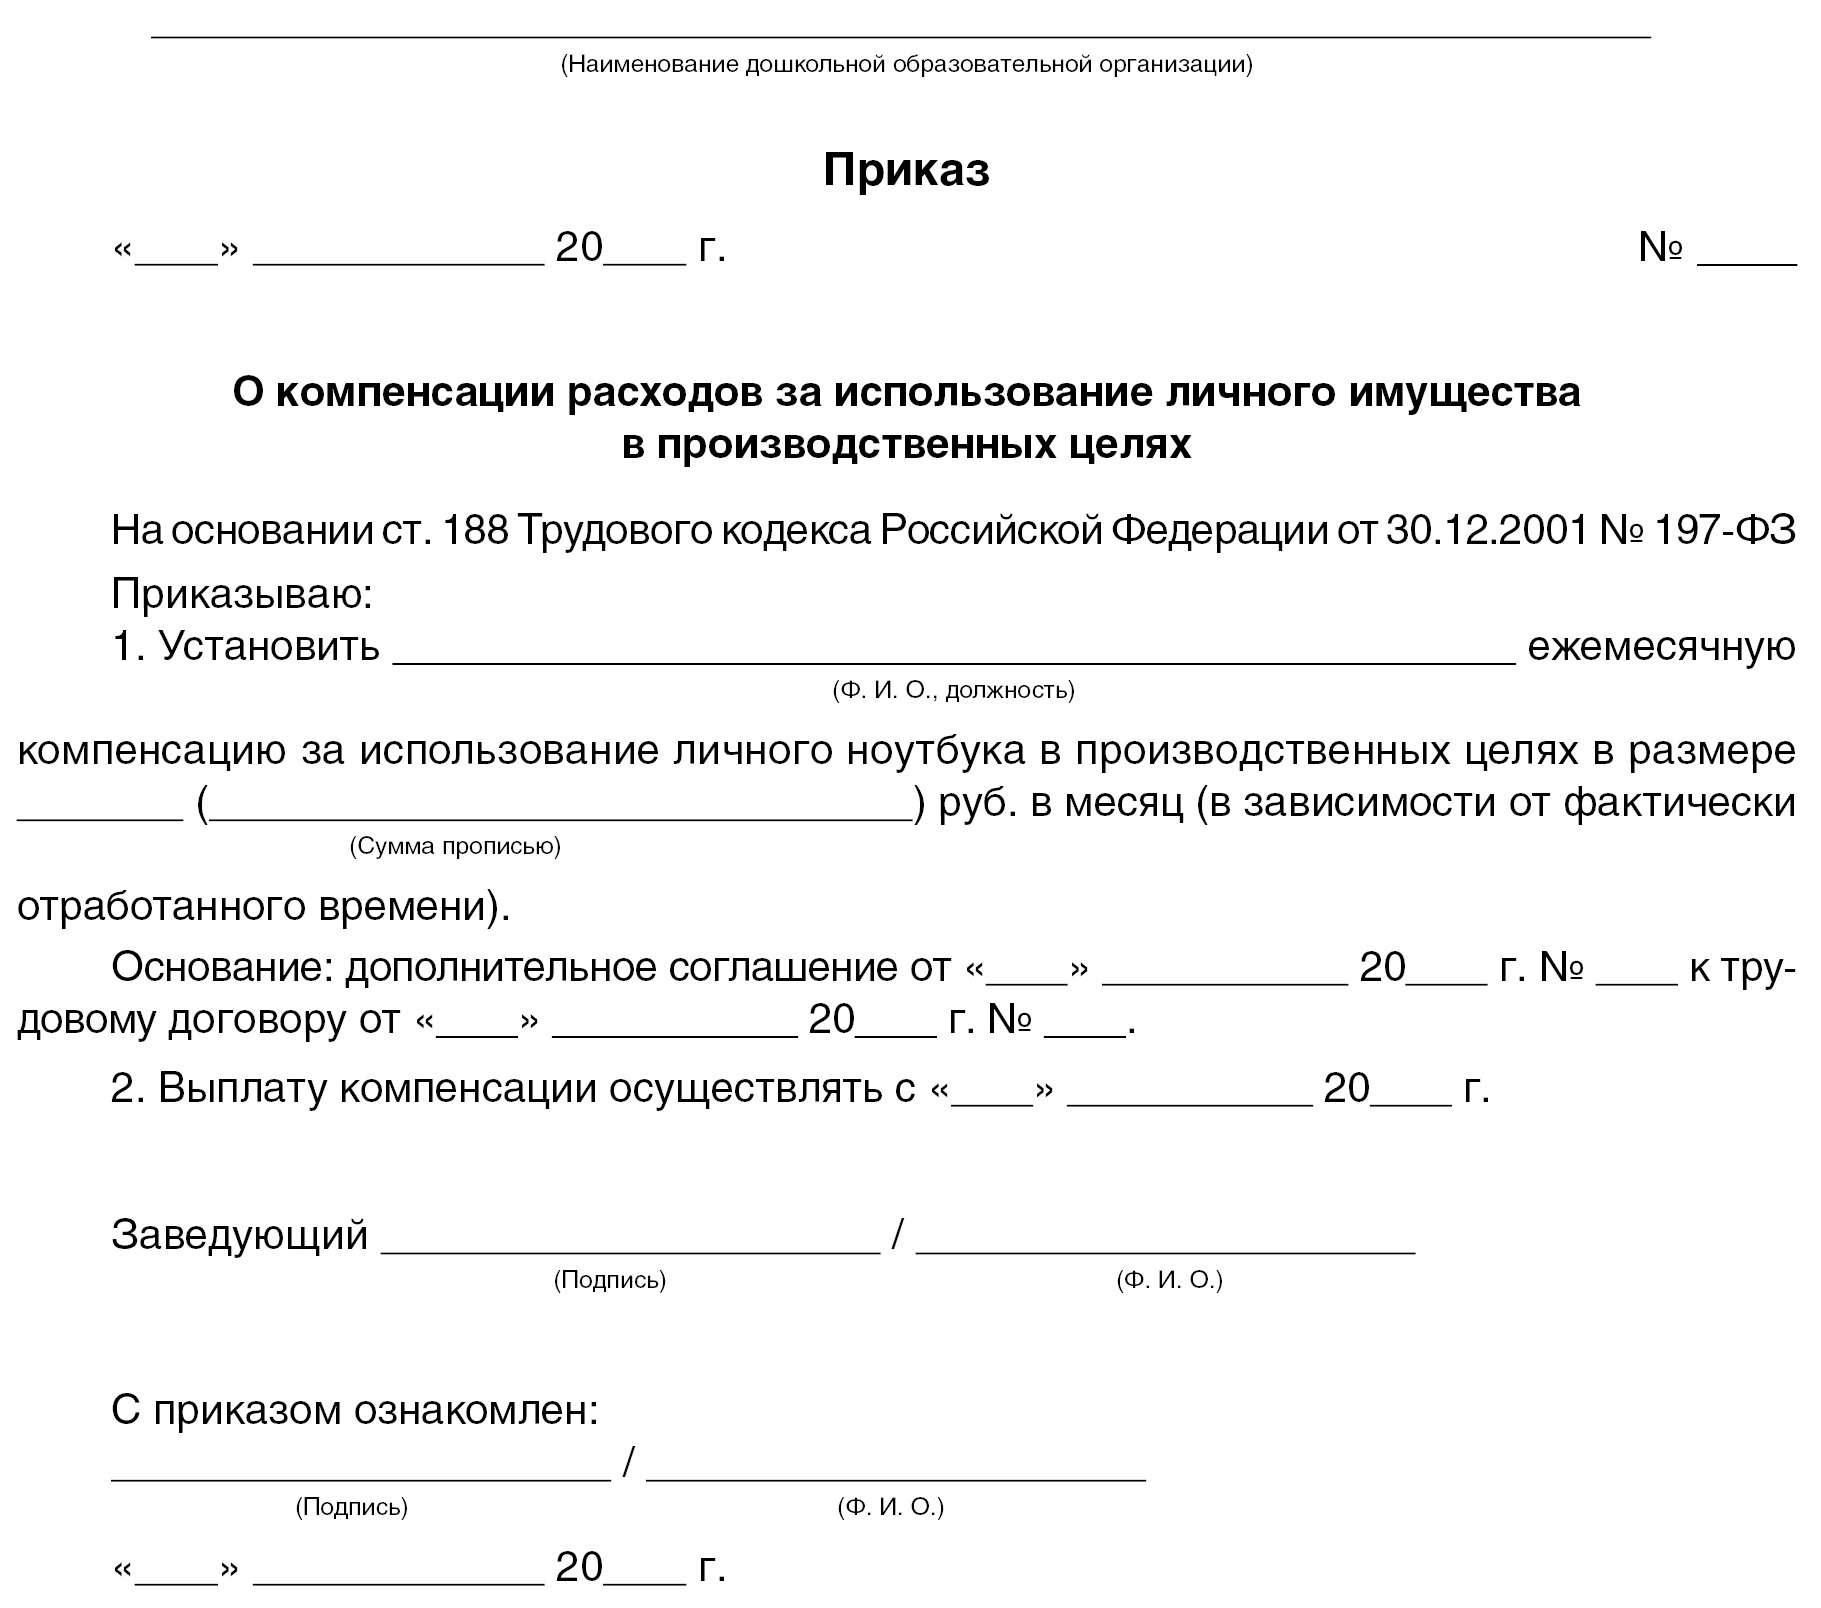 Образец приказа о премировании сотрудников